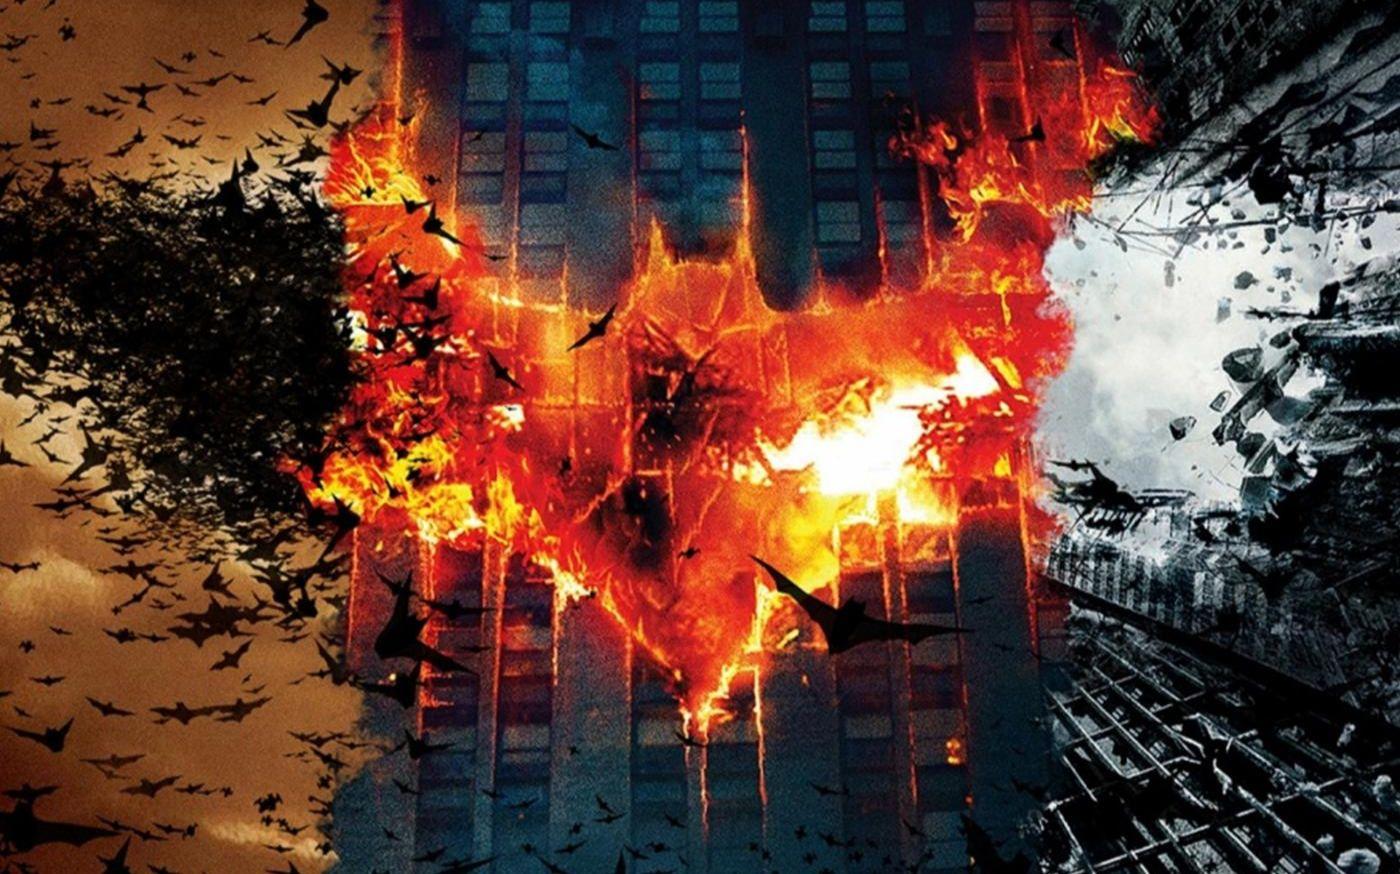 【蝙蝠侠/燃向/混剪】黑暗骑士三部曲超燃混剪